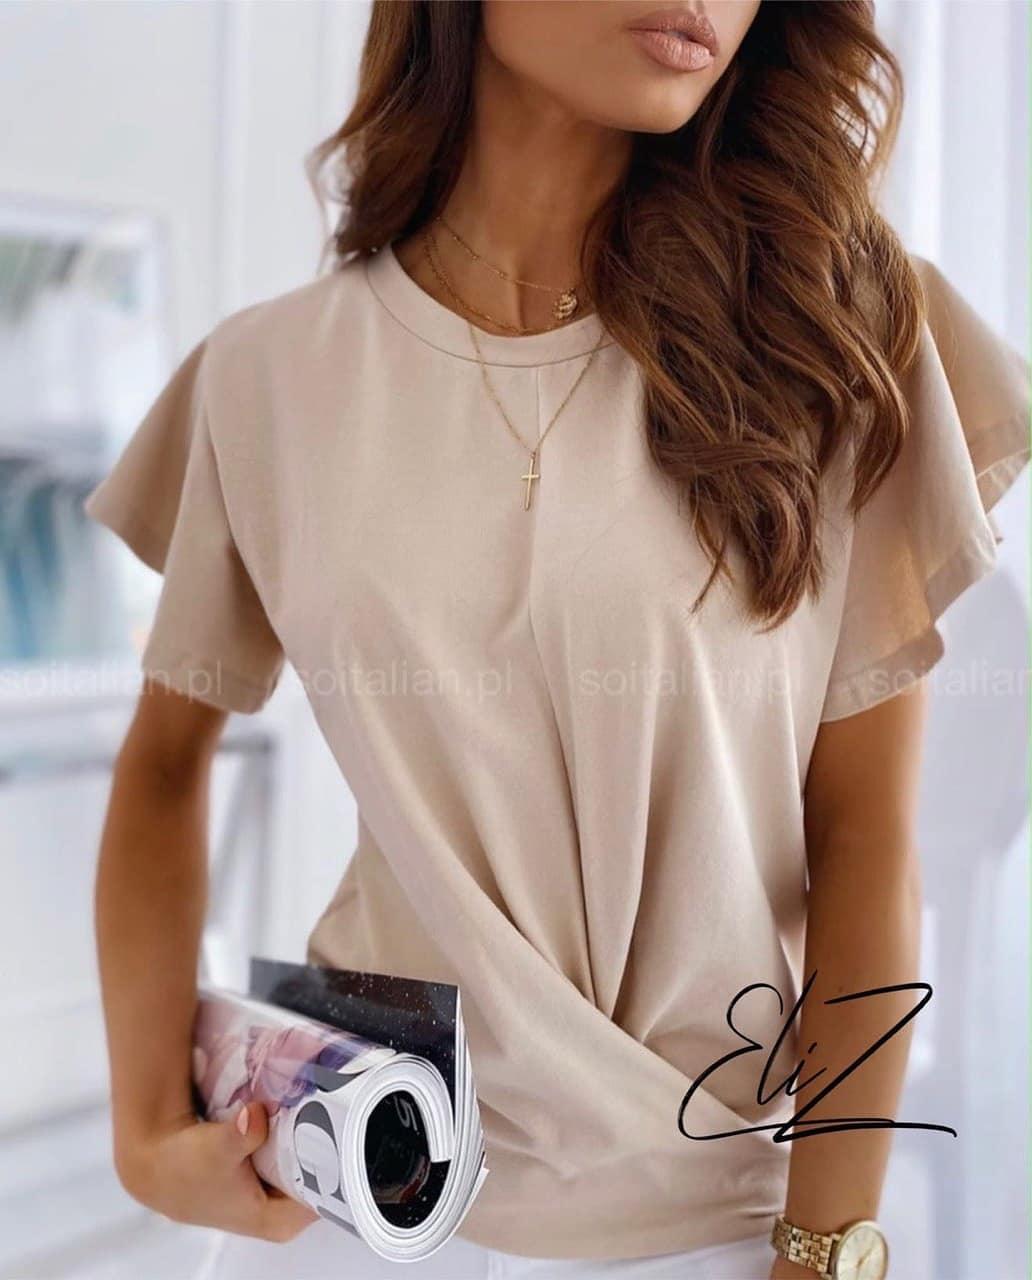 Женская блузка с рюшами из дайвинга